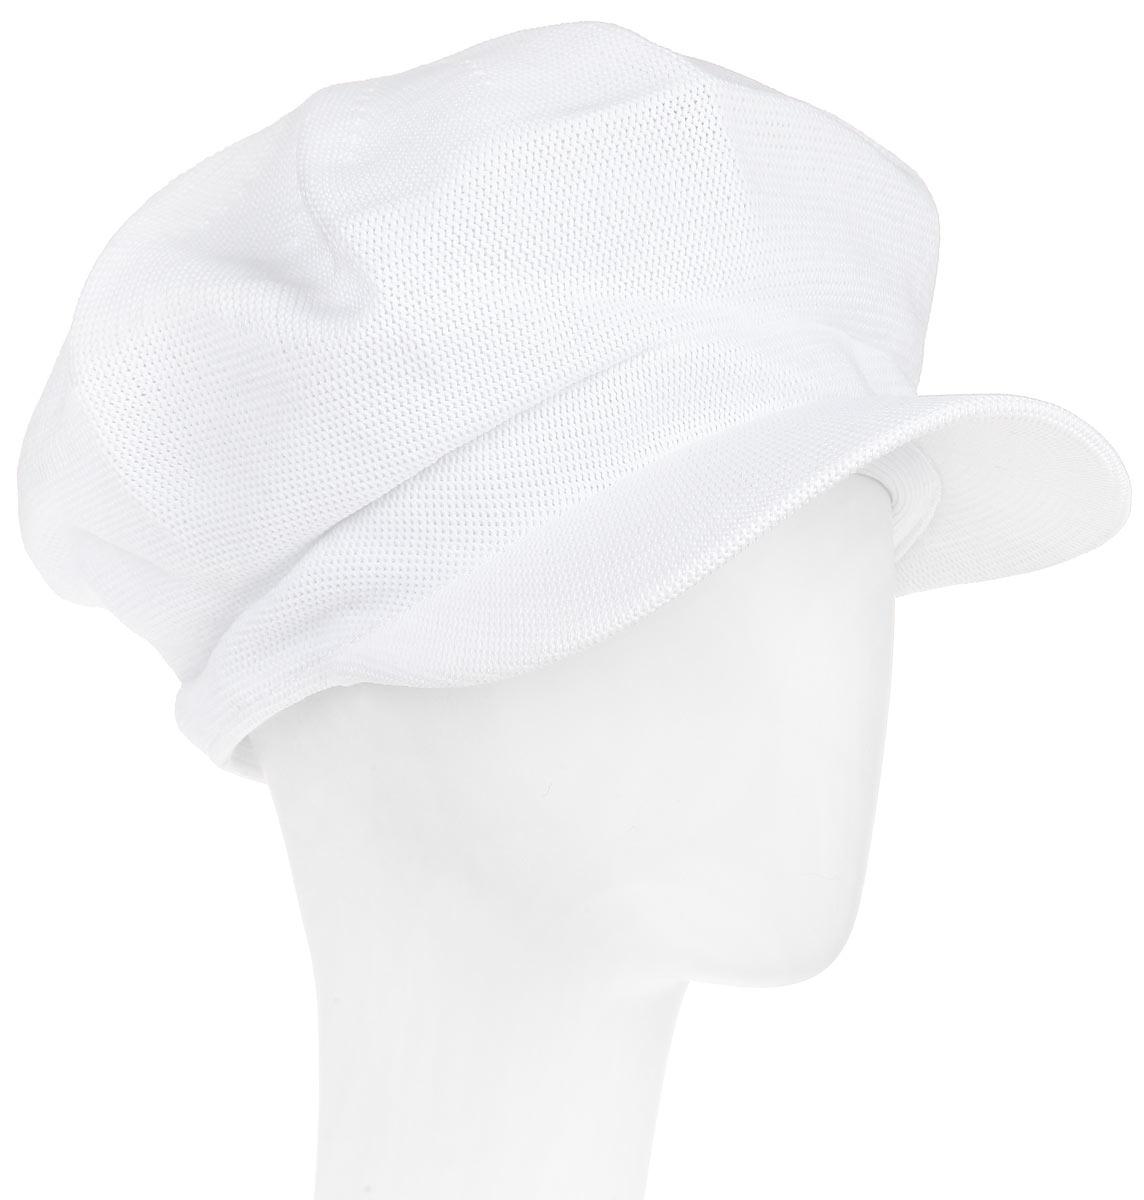 Кепка1961240Мужская кепка Canoe Guten дополнит ваш образ в прохладную погоду. Сочетание полиэстера и акрила обеспечивает удобную посадку. Модель в стиле 30-х годов. Имеет козырек - 5 см, закругленной формы. Такая кепка составит идеальный комплект с модной верхней одеждой, в ней вам будет уютно и тепло!